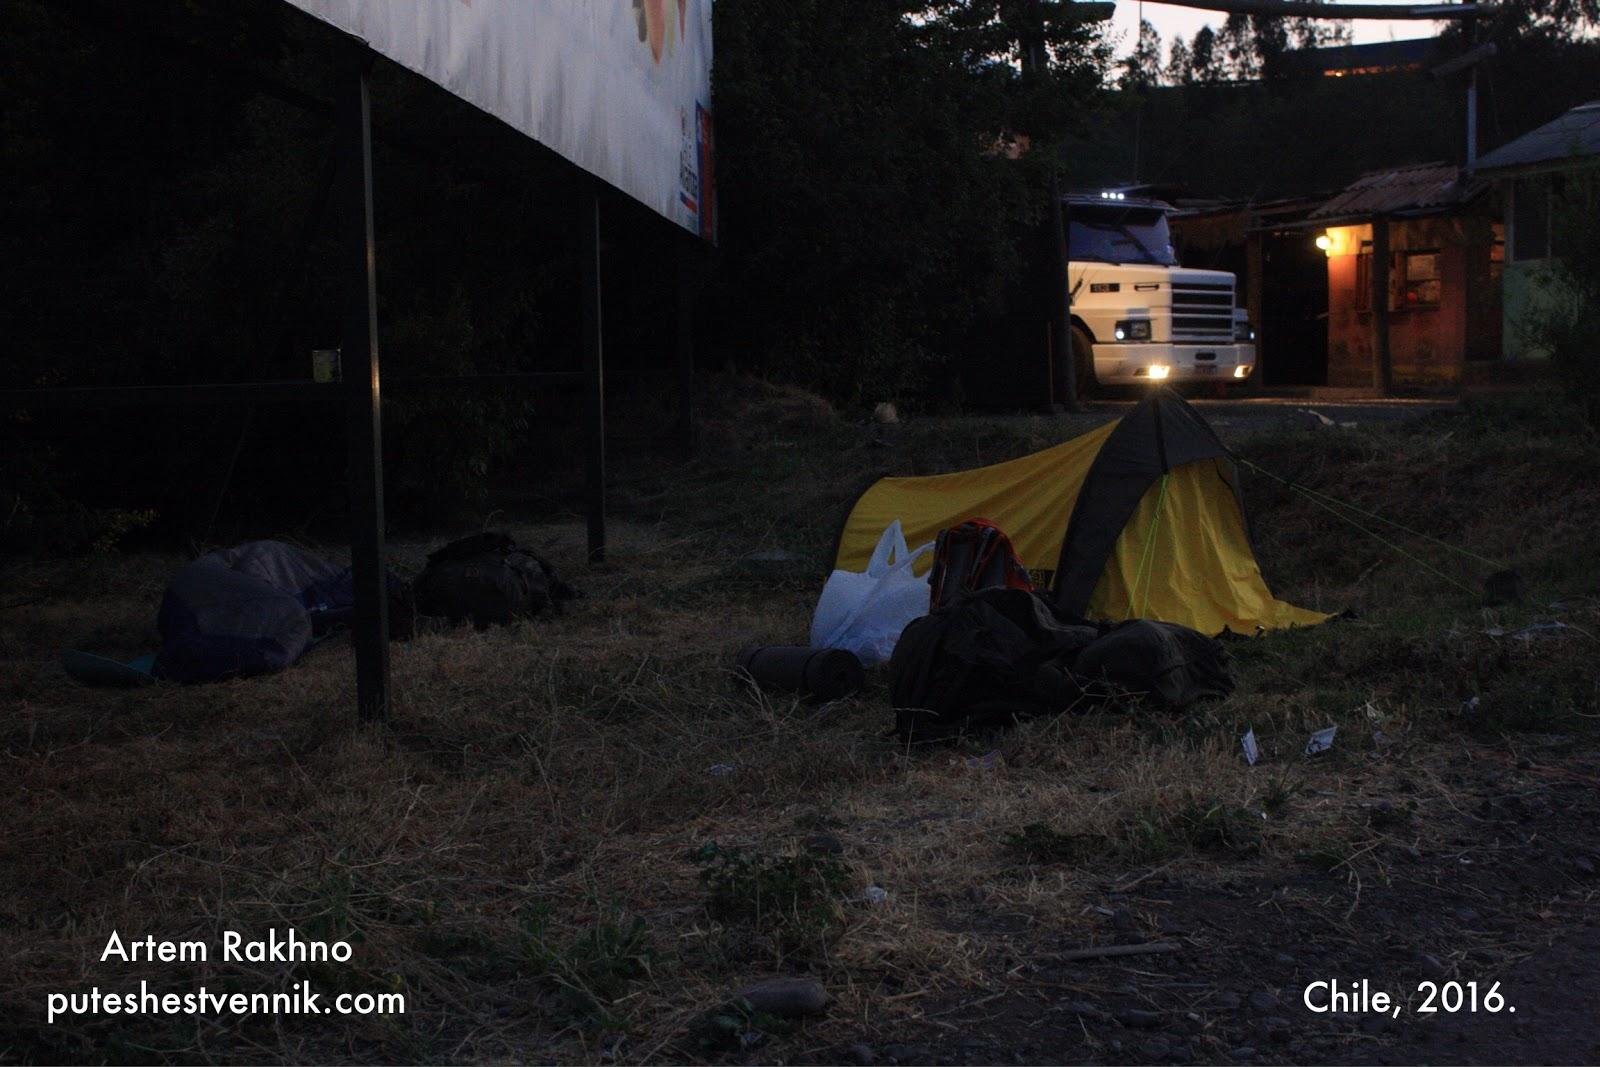 Палатка возле стоянки грузовиков